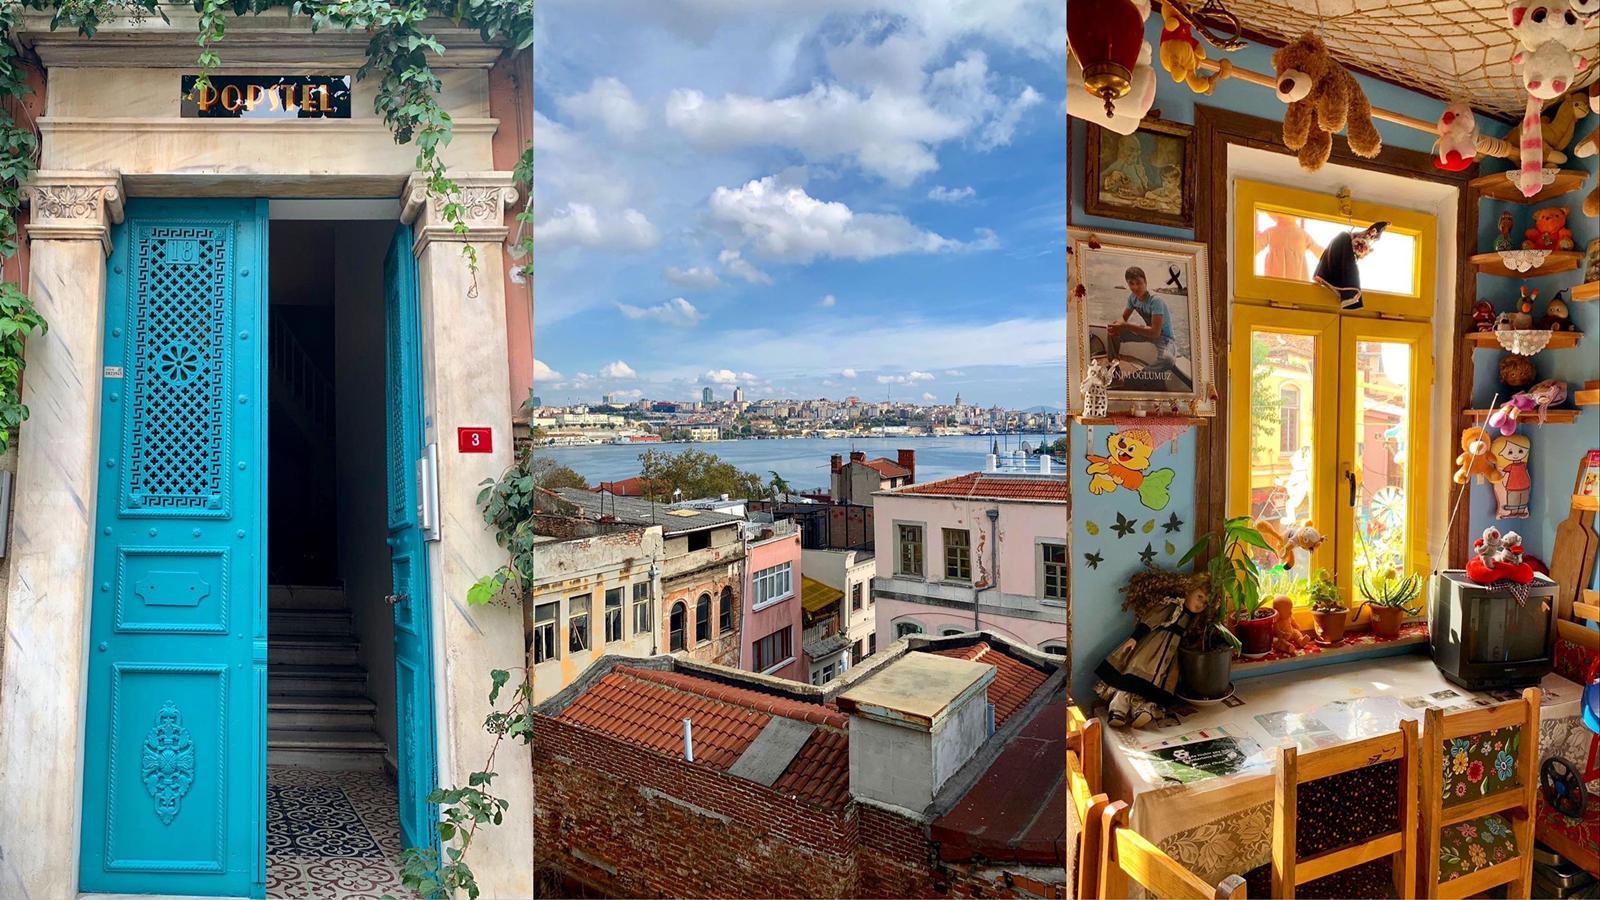 Balat Gezi Notları - Balat'ın Renkli Sokaklarında 1 Gün